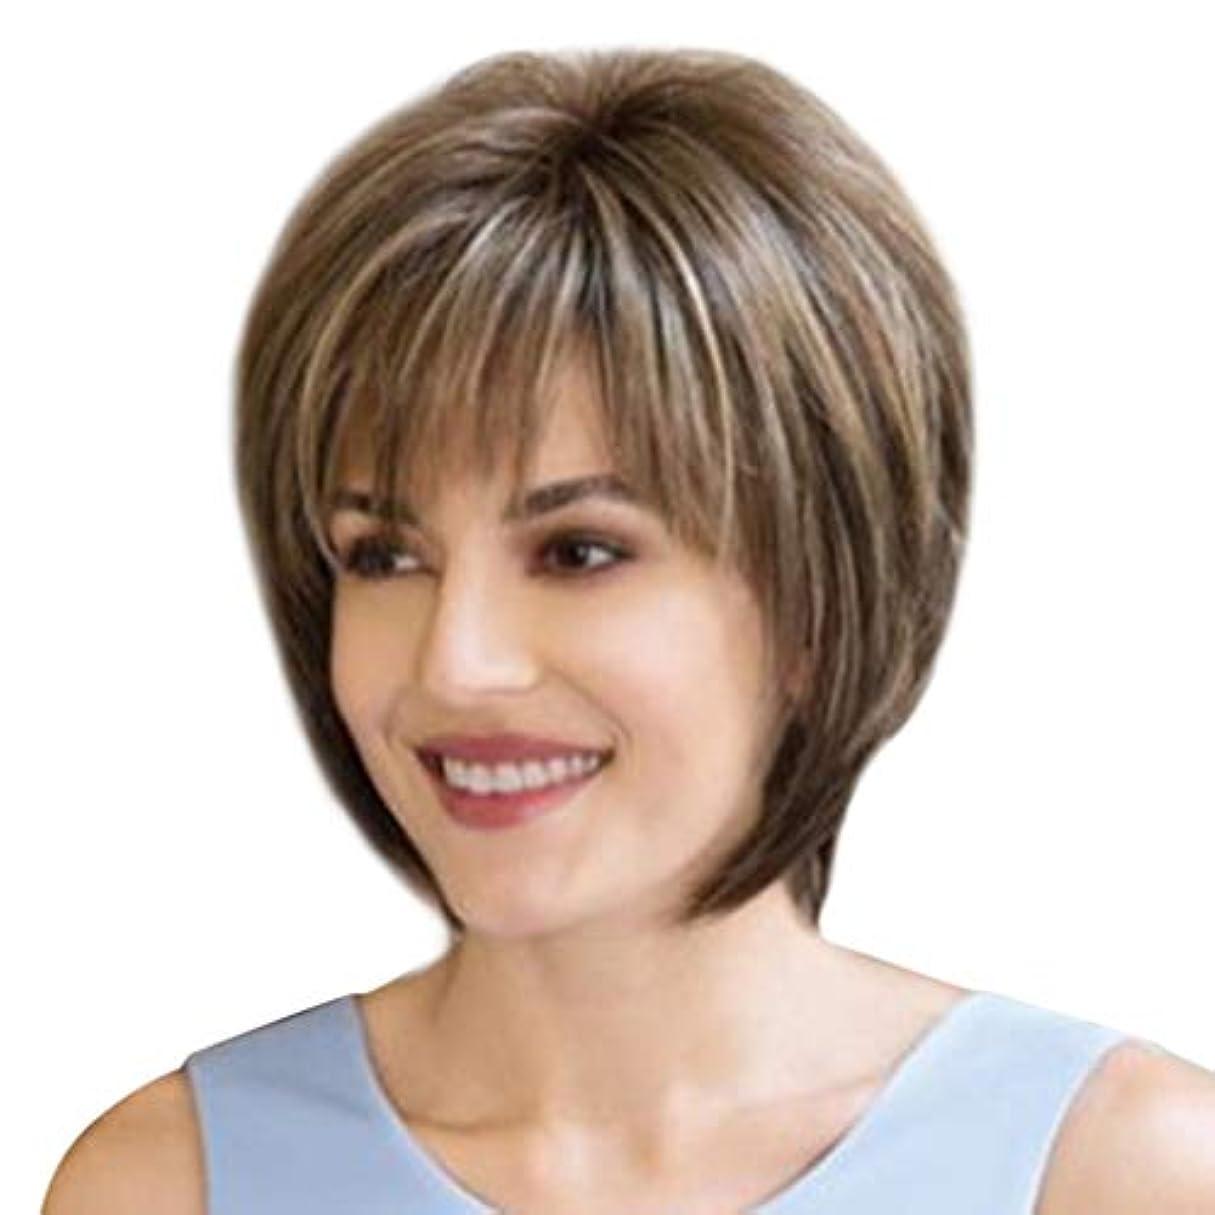 強要落胆した集中的なCinhent 8インチファッション合成ストレートショートレディースウィッグふわふわ染色天然のリアルな髪の毛のかつら女性のファイバー